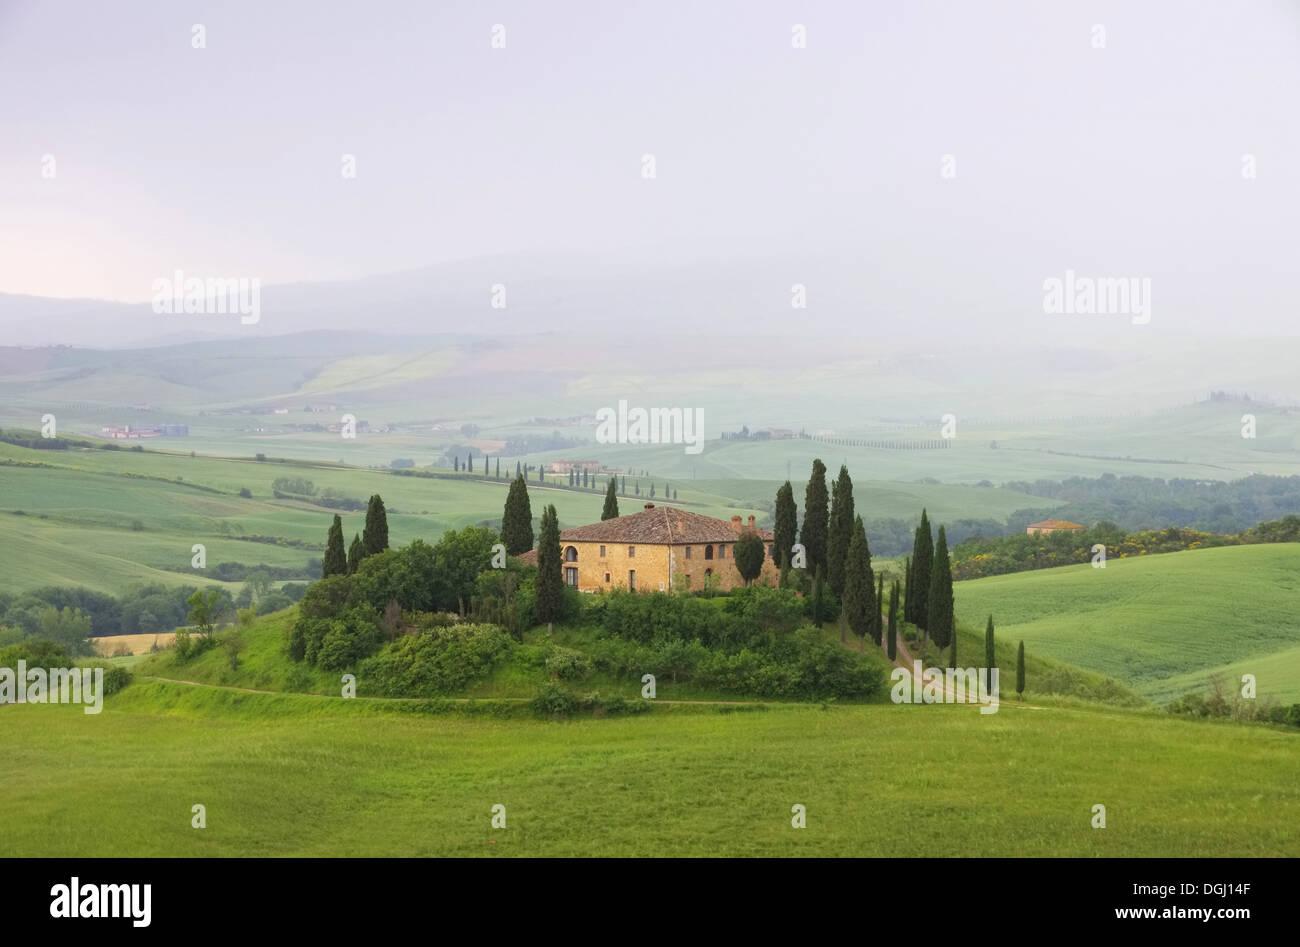 Toskana Haus im Nebel - Tuscany house in fog 13 Stock Photo